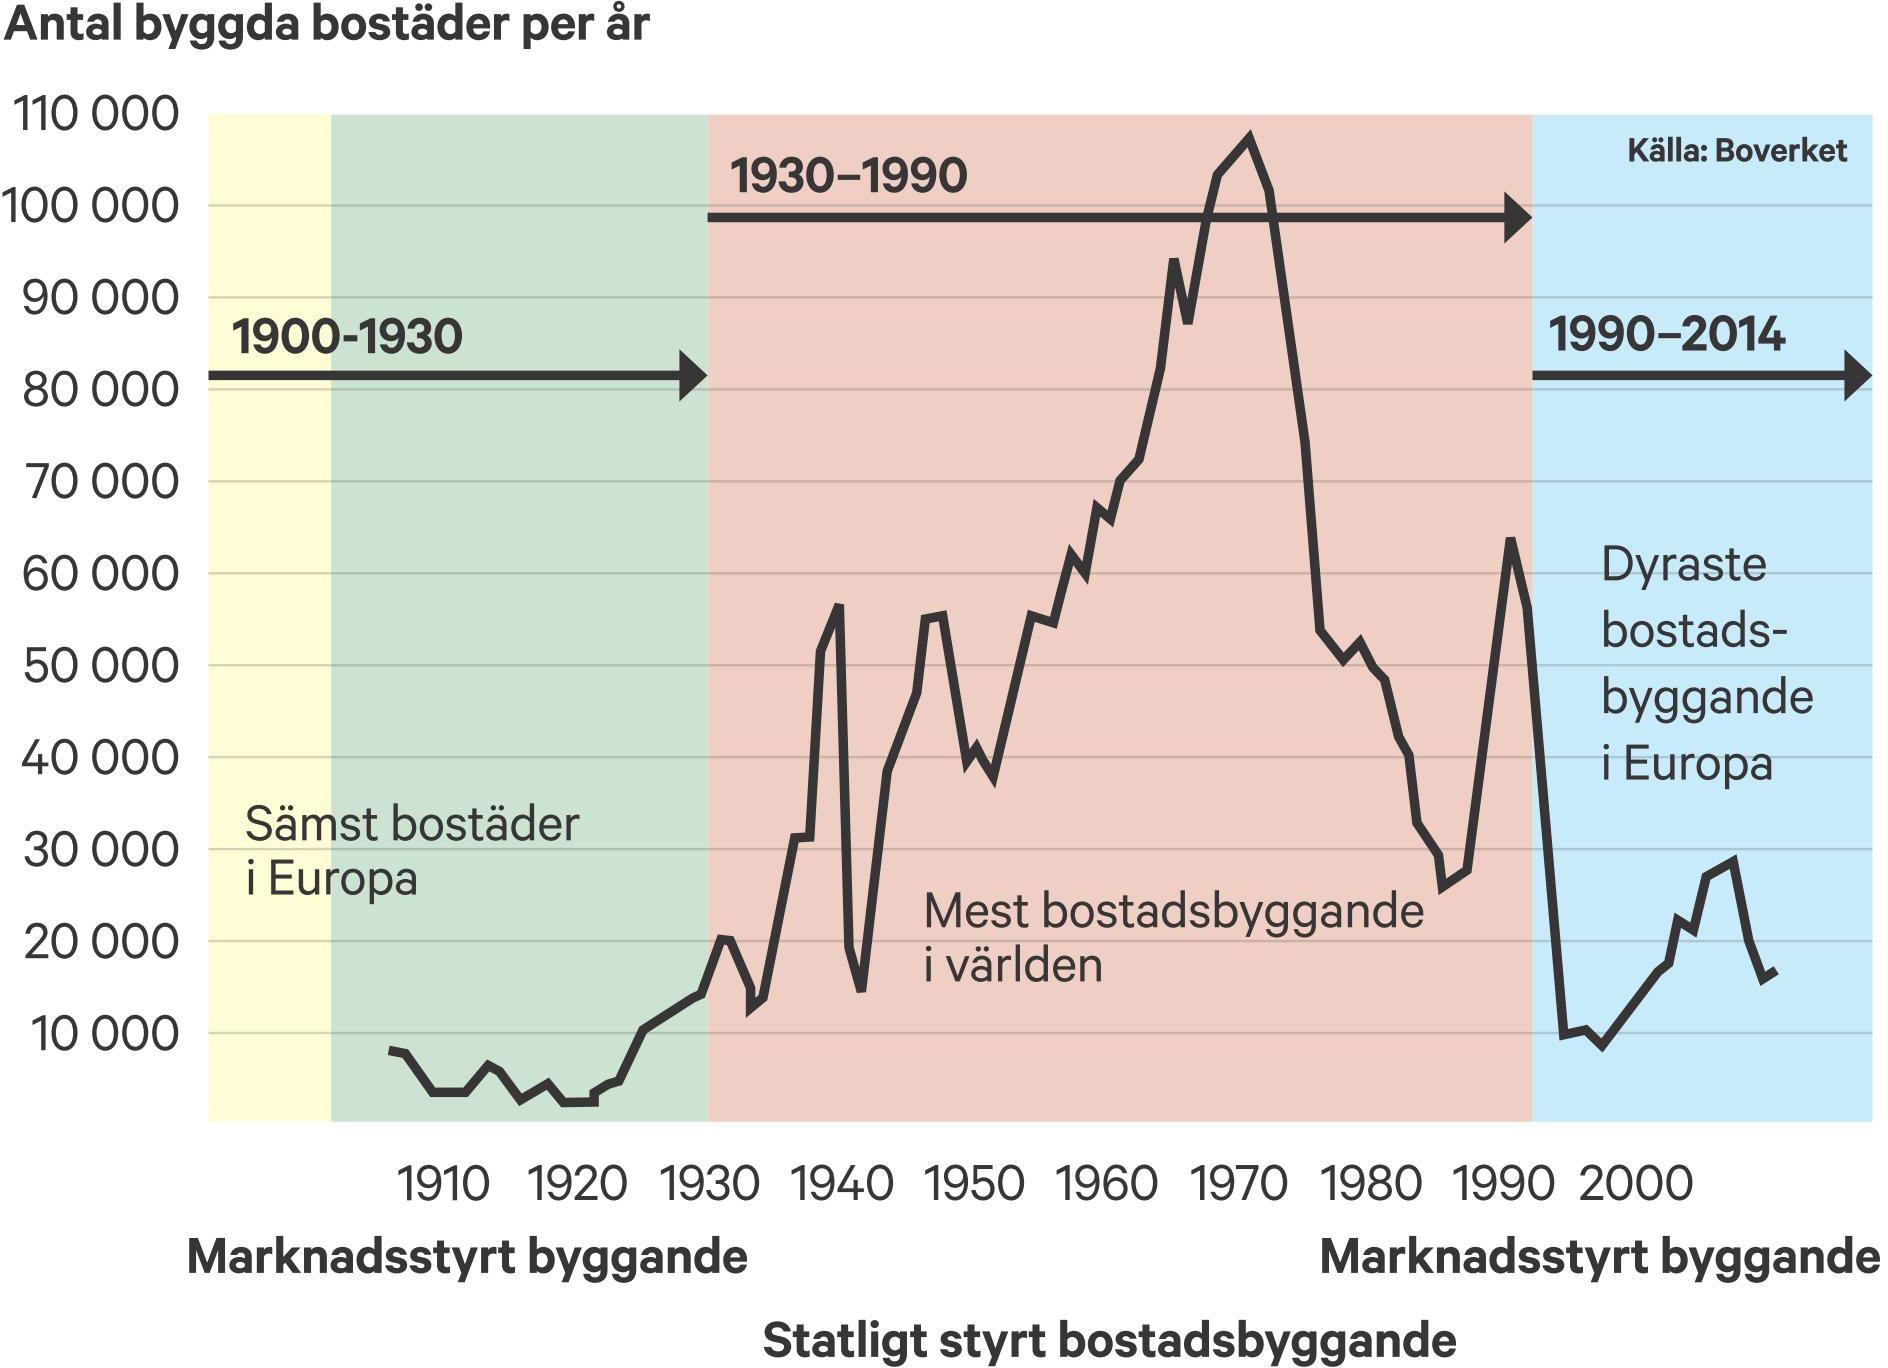 1900-talets bostadsbyggande. Lågt bostadsbyggande under perioder av marknadsstyrt bostadsbyggande. Rekordstort bostadsbyggande under perioden av statligt styrt bostadsbyggande. Från Svensk bostad 1850-2000.